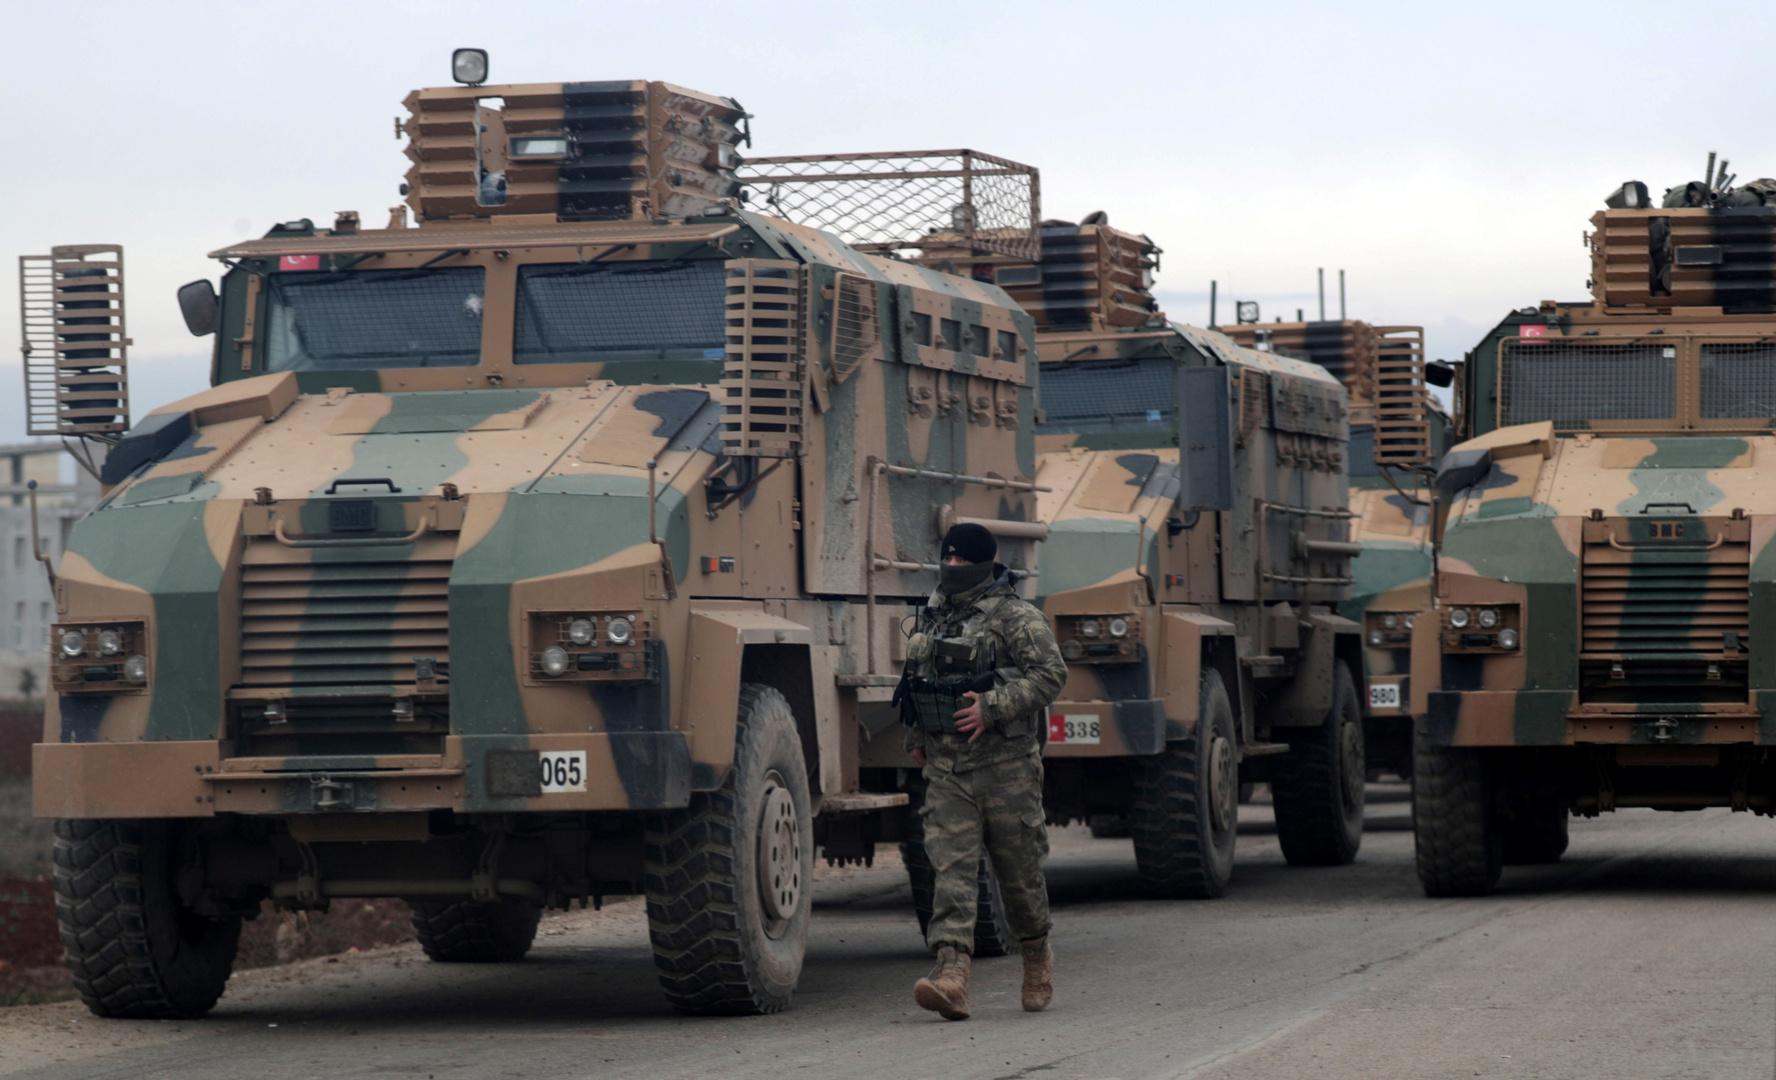 تركيا تعلن أنها لن تسحب أسلحتها الثقيلة من نقاط مراقبتها في إدلب